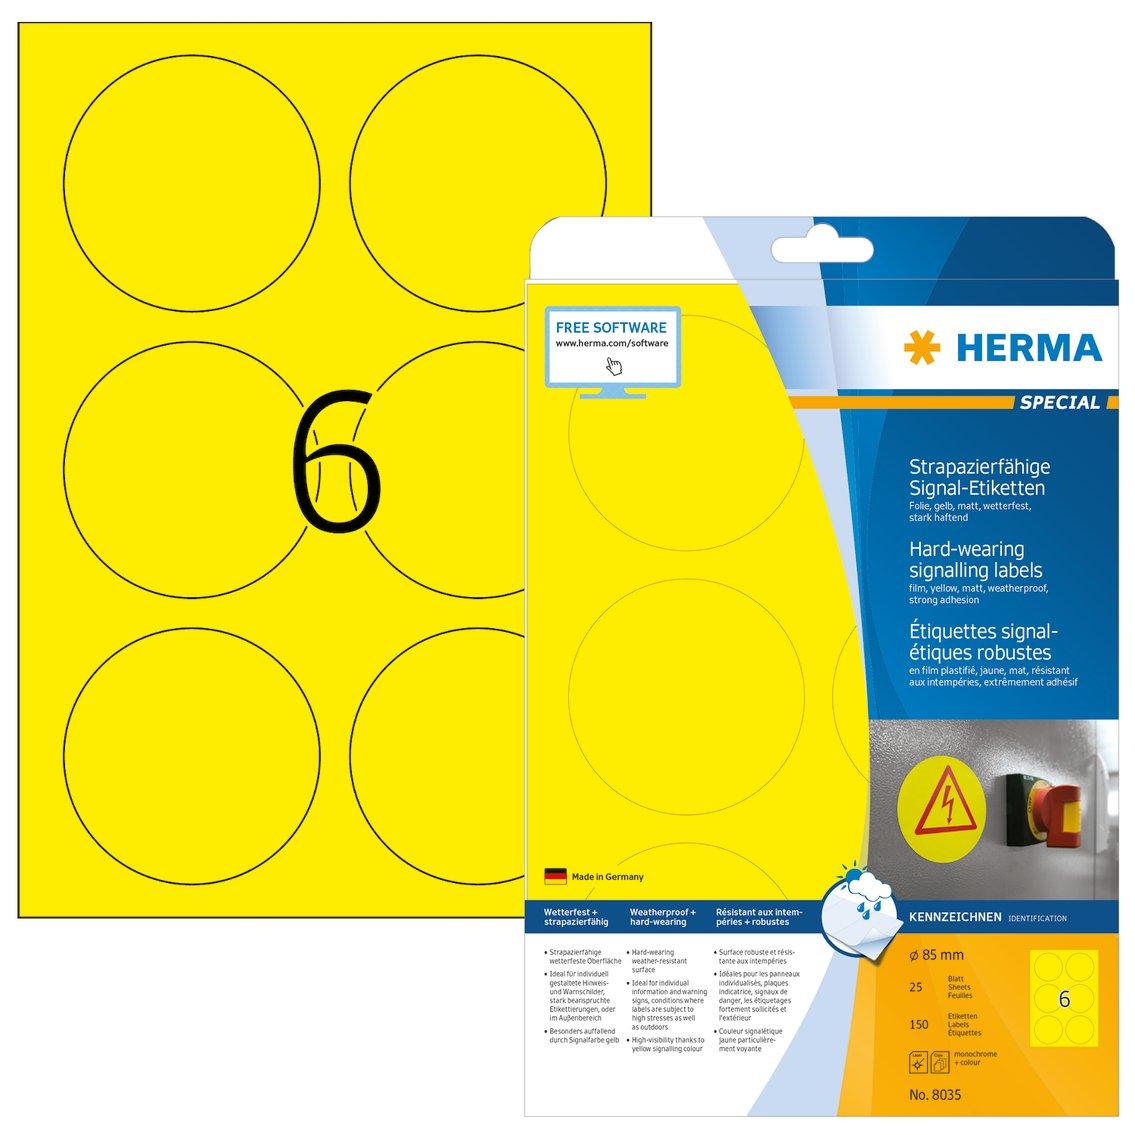 Herma 8336 Selbstklebende Schilder rund 25 Blatt DIN A4 Klebefolie matt wei/ß bedruckbar 150 Folien-Etiketten strapazierf/ähig /Ø 85 mm wetterfest